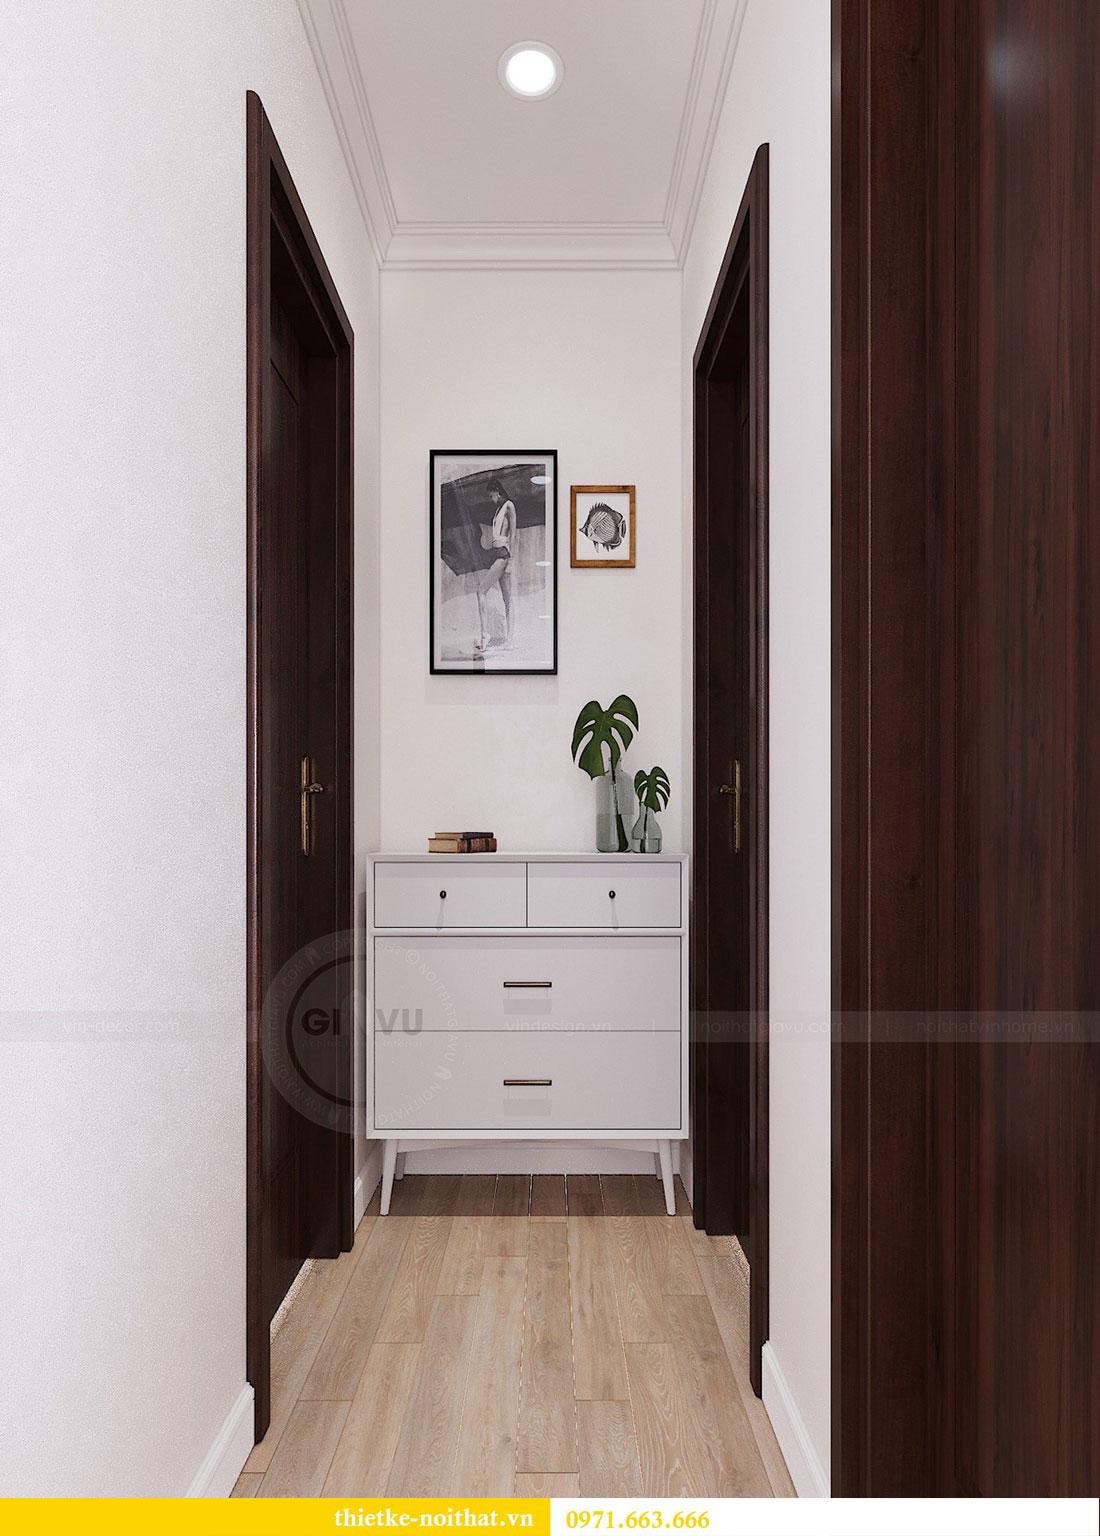 Thiết kế chung cư Seasons Avenue căn 01 tòa S3 - Anh Bách 9